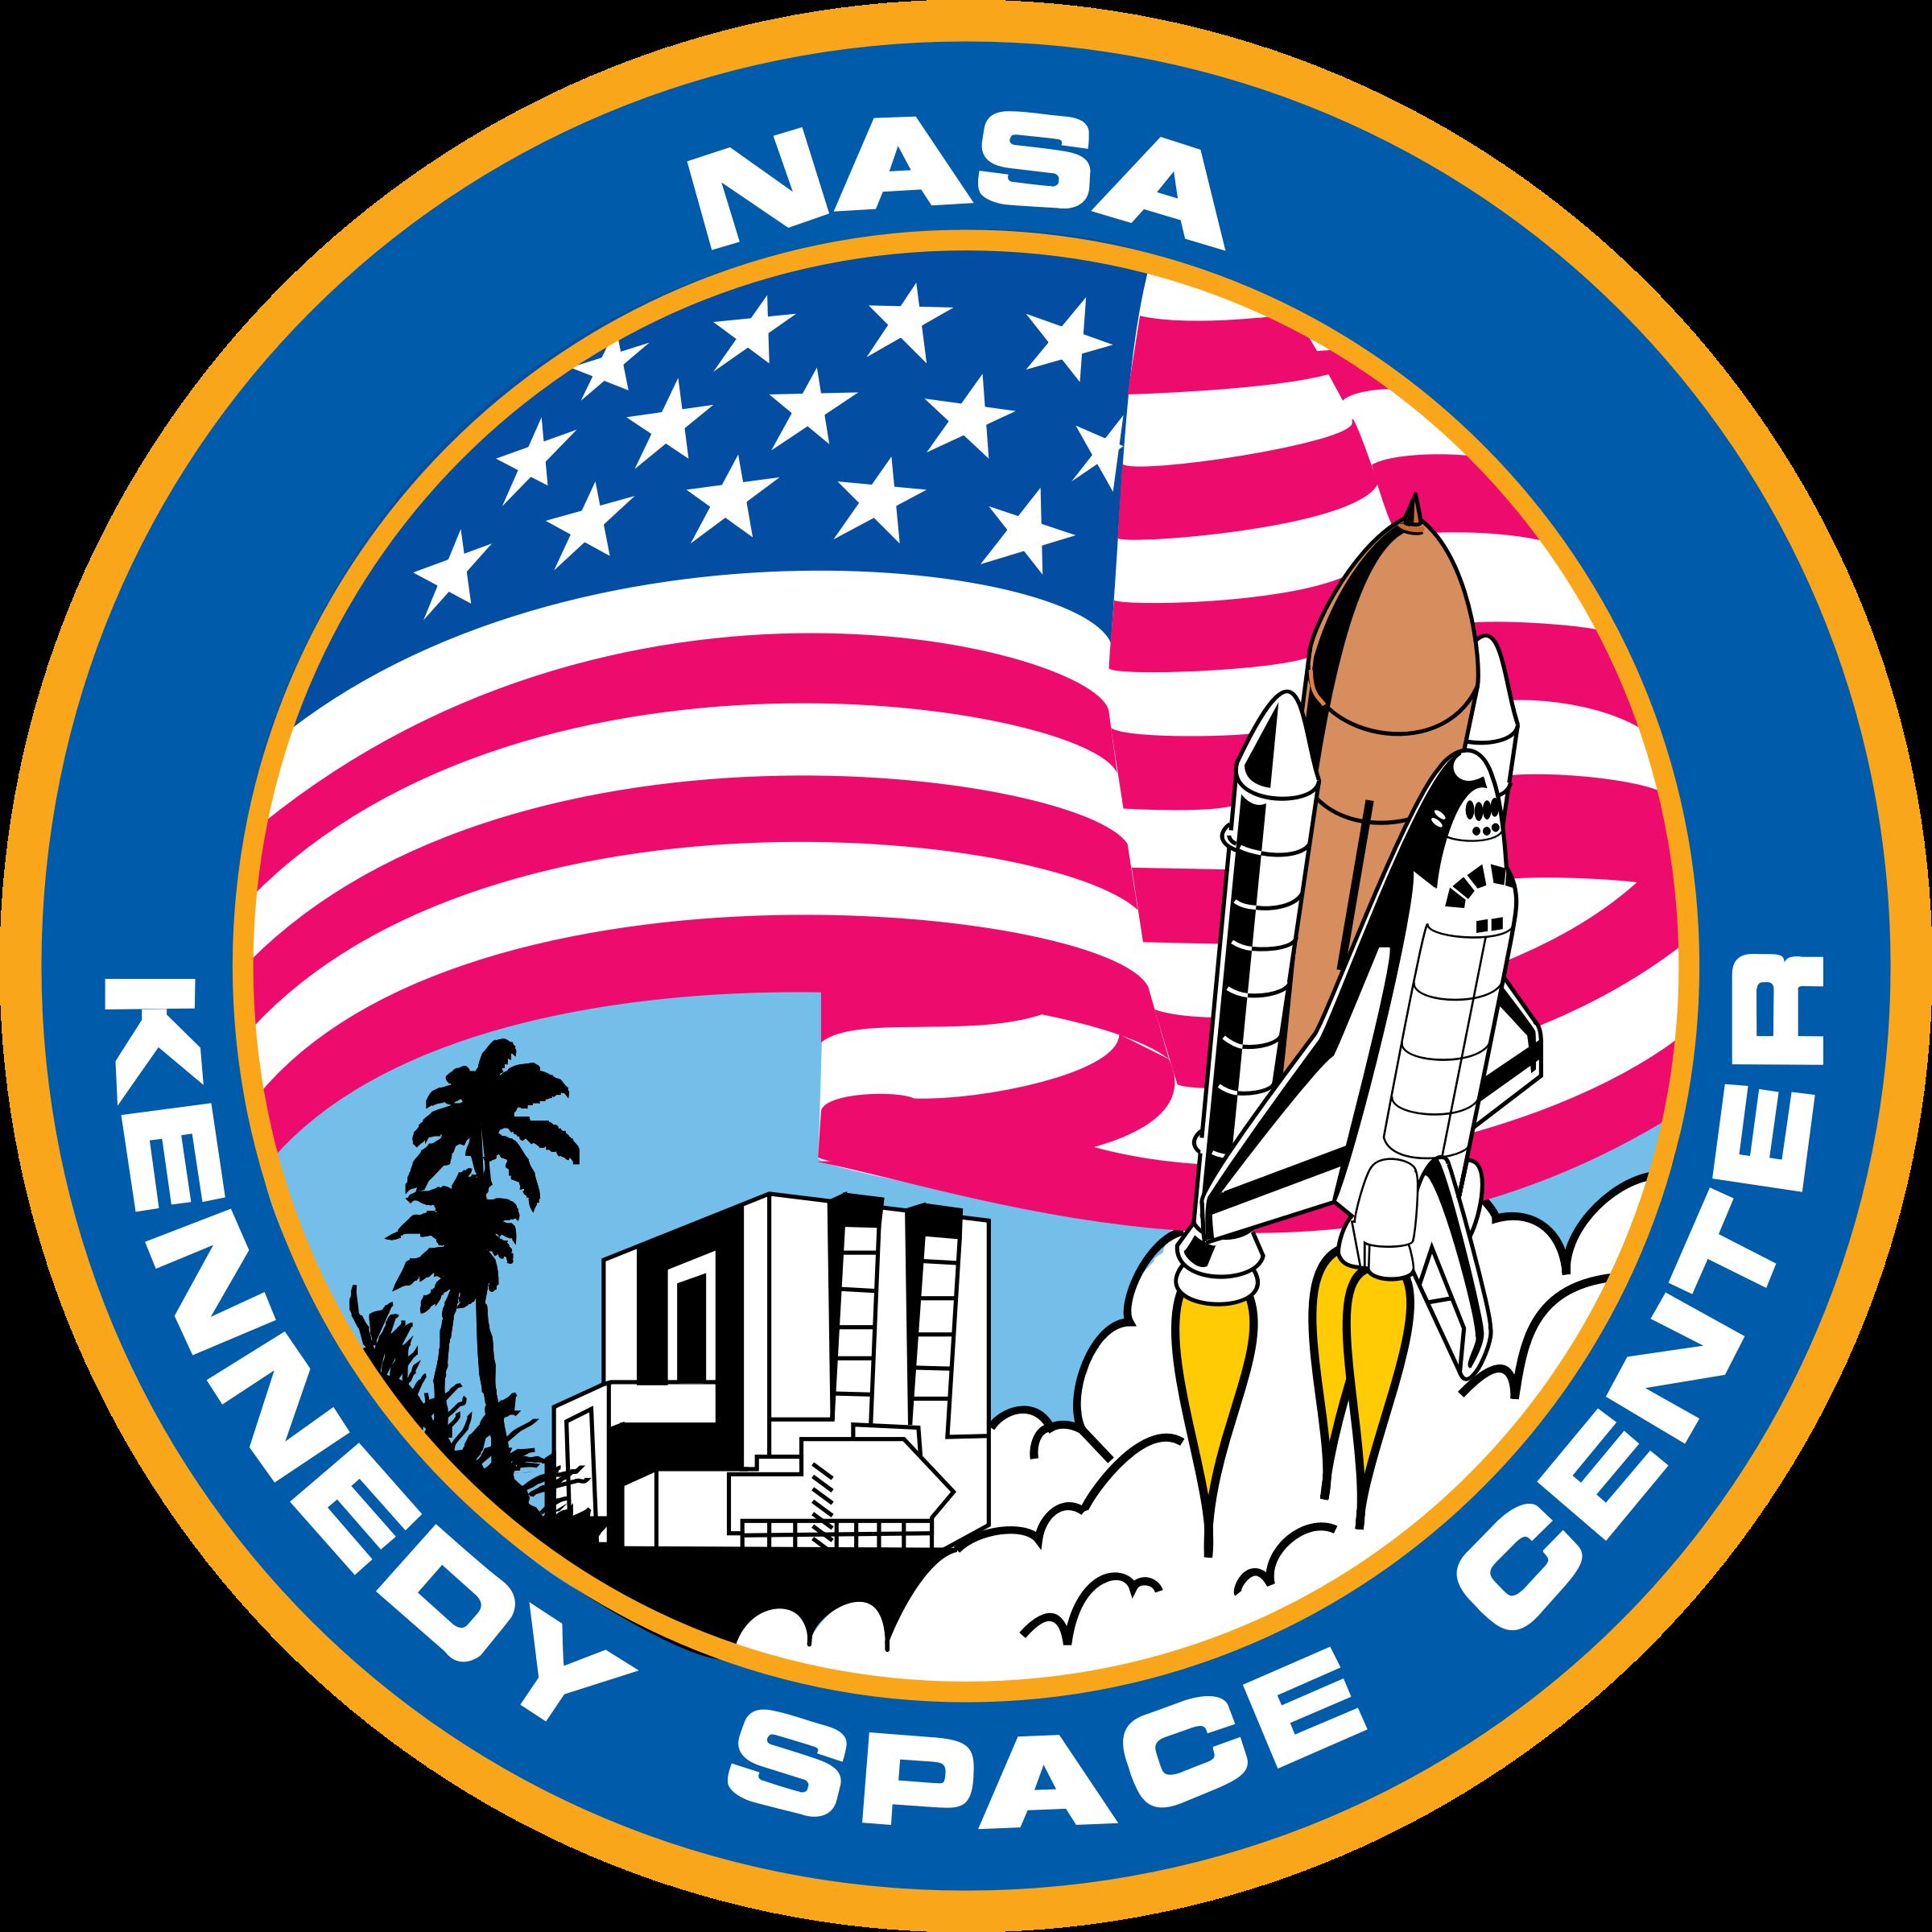 NASA clipart #7, Download drawings